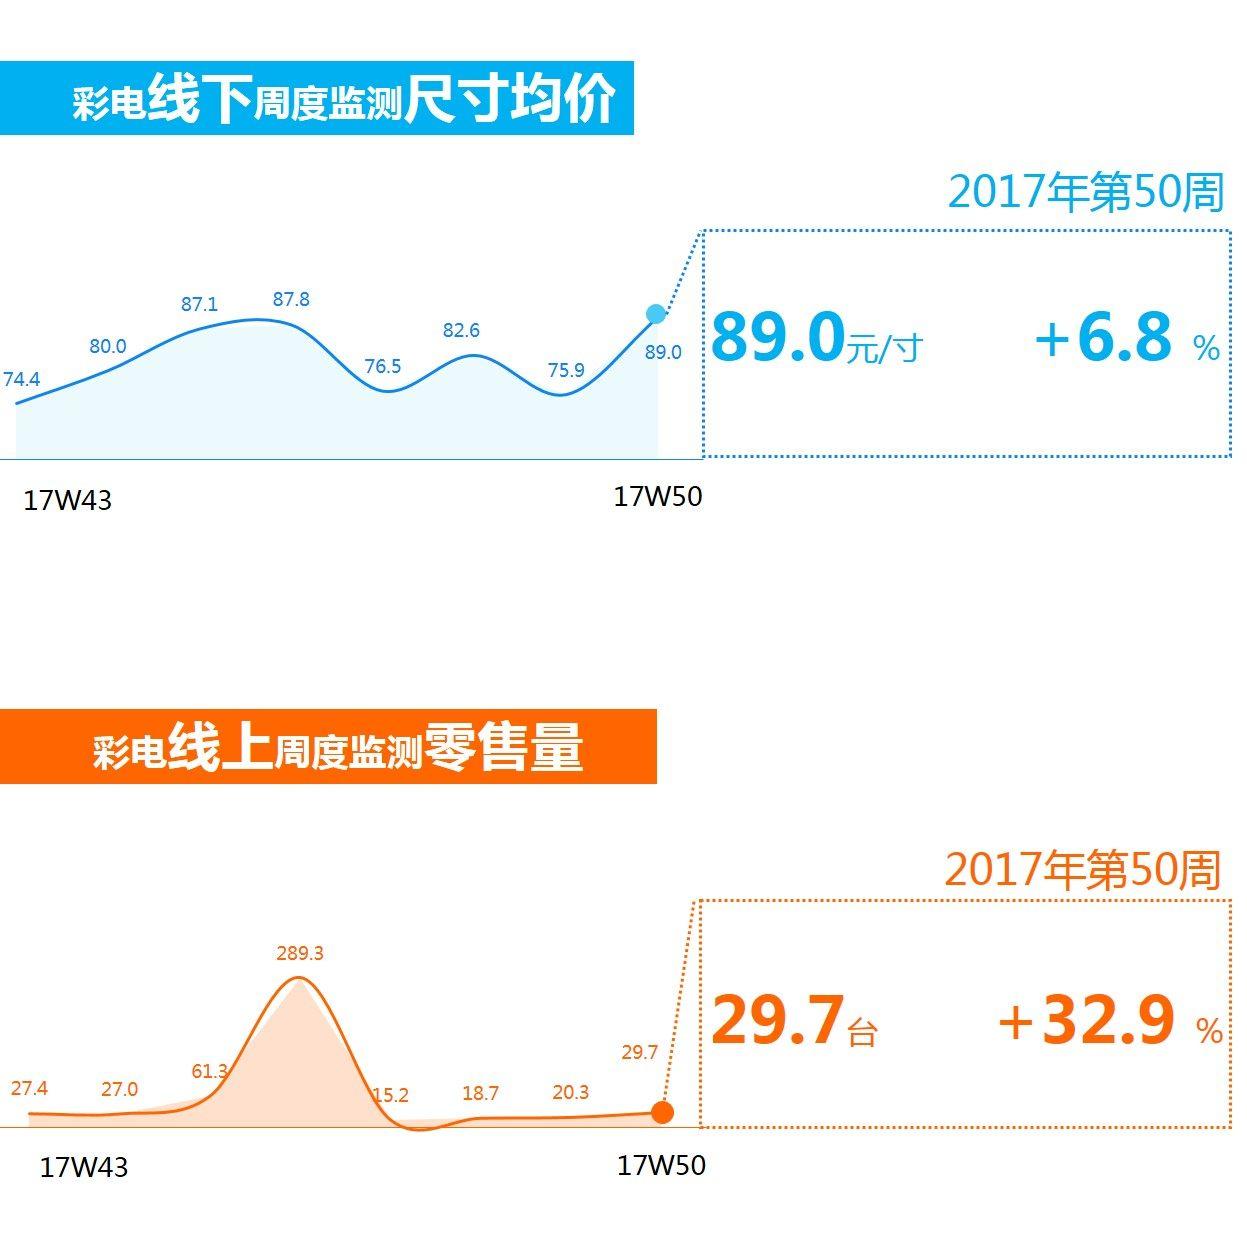 奥维云网发布12月4日-12月10日彩电观察报告